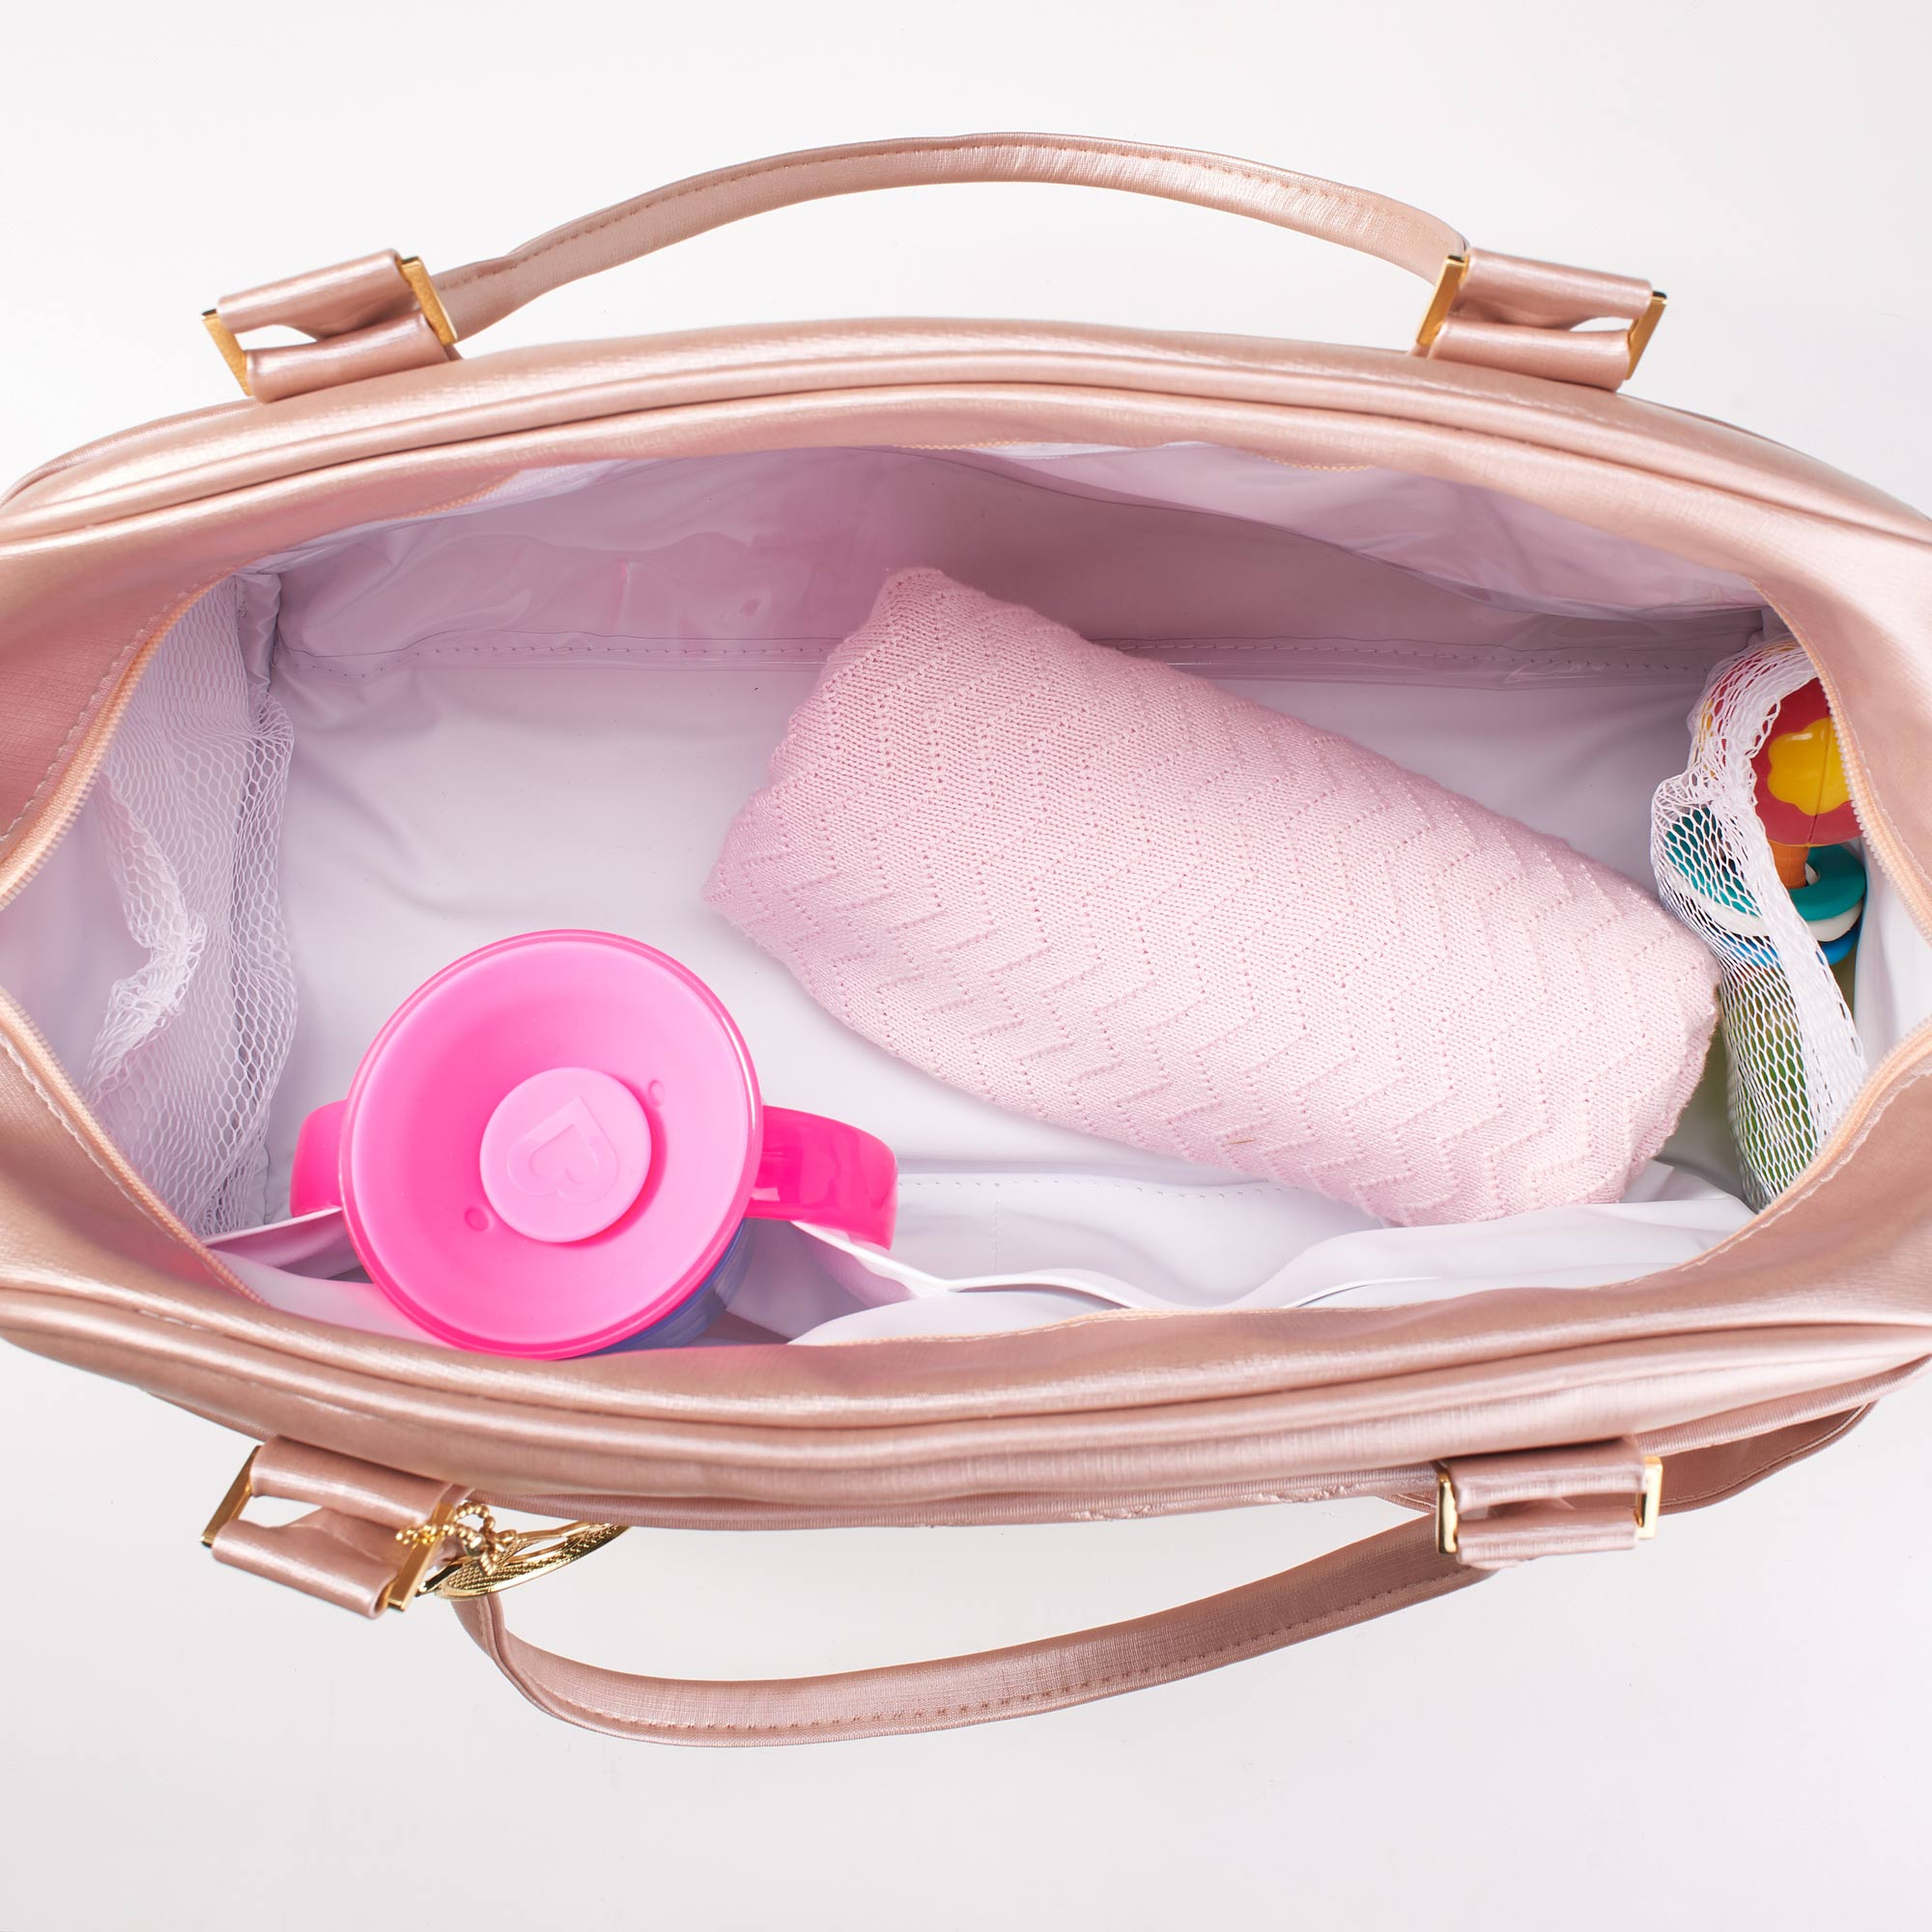 Bolsa maternidade pequena rosa - memphis